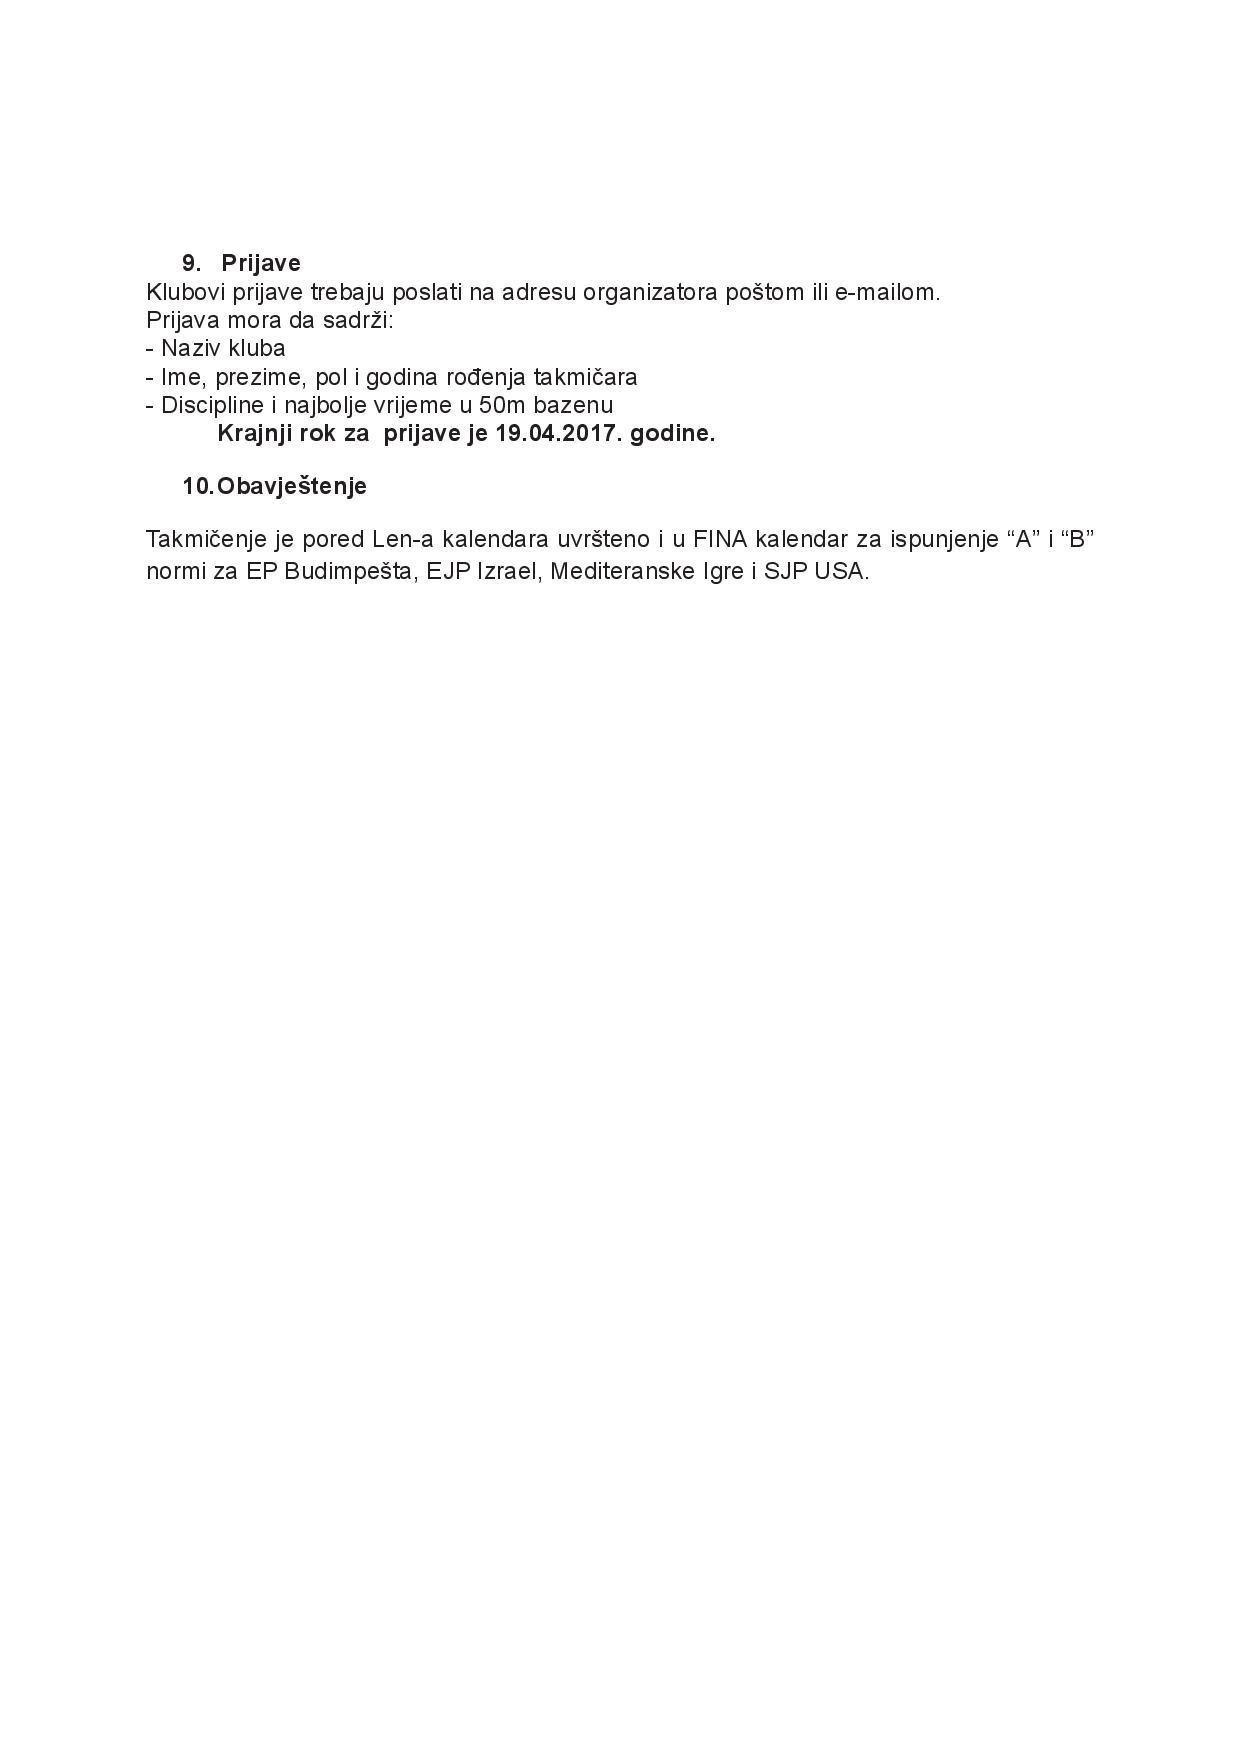 Оригиналне пропозиције организатора, страна 5